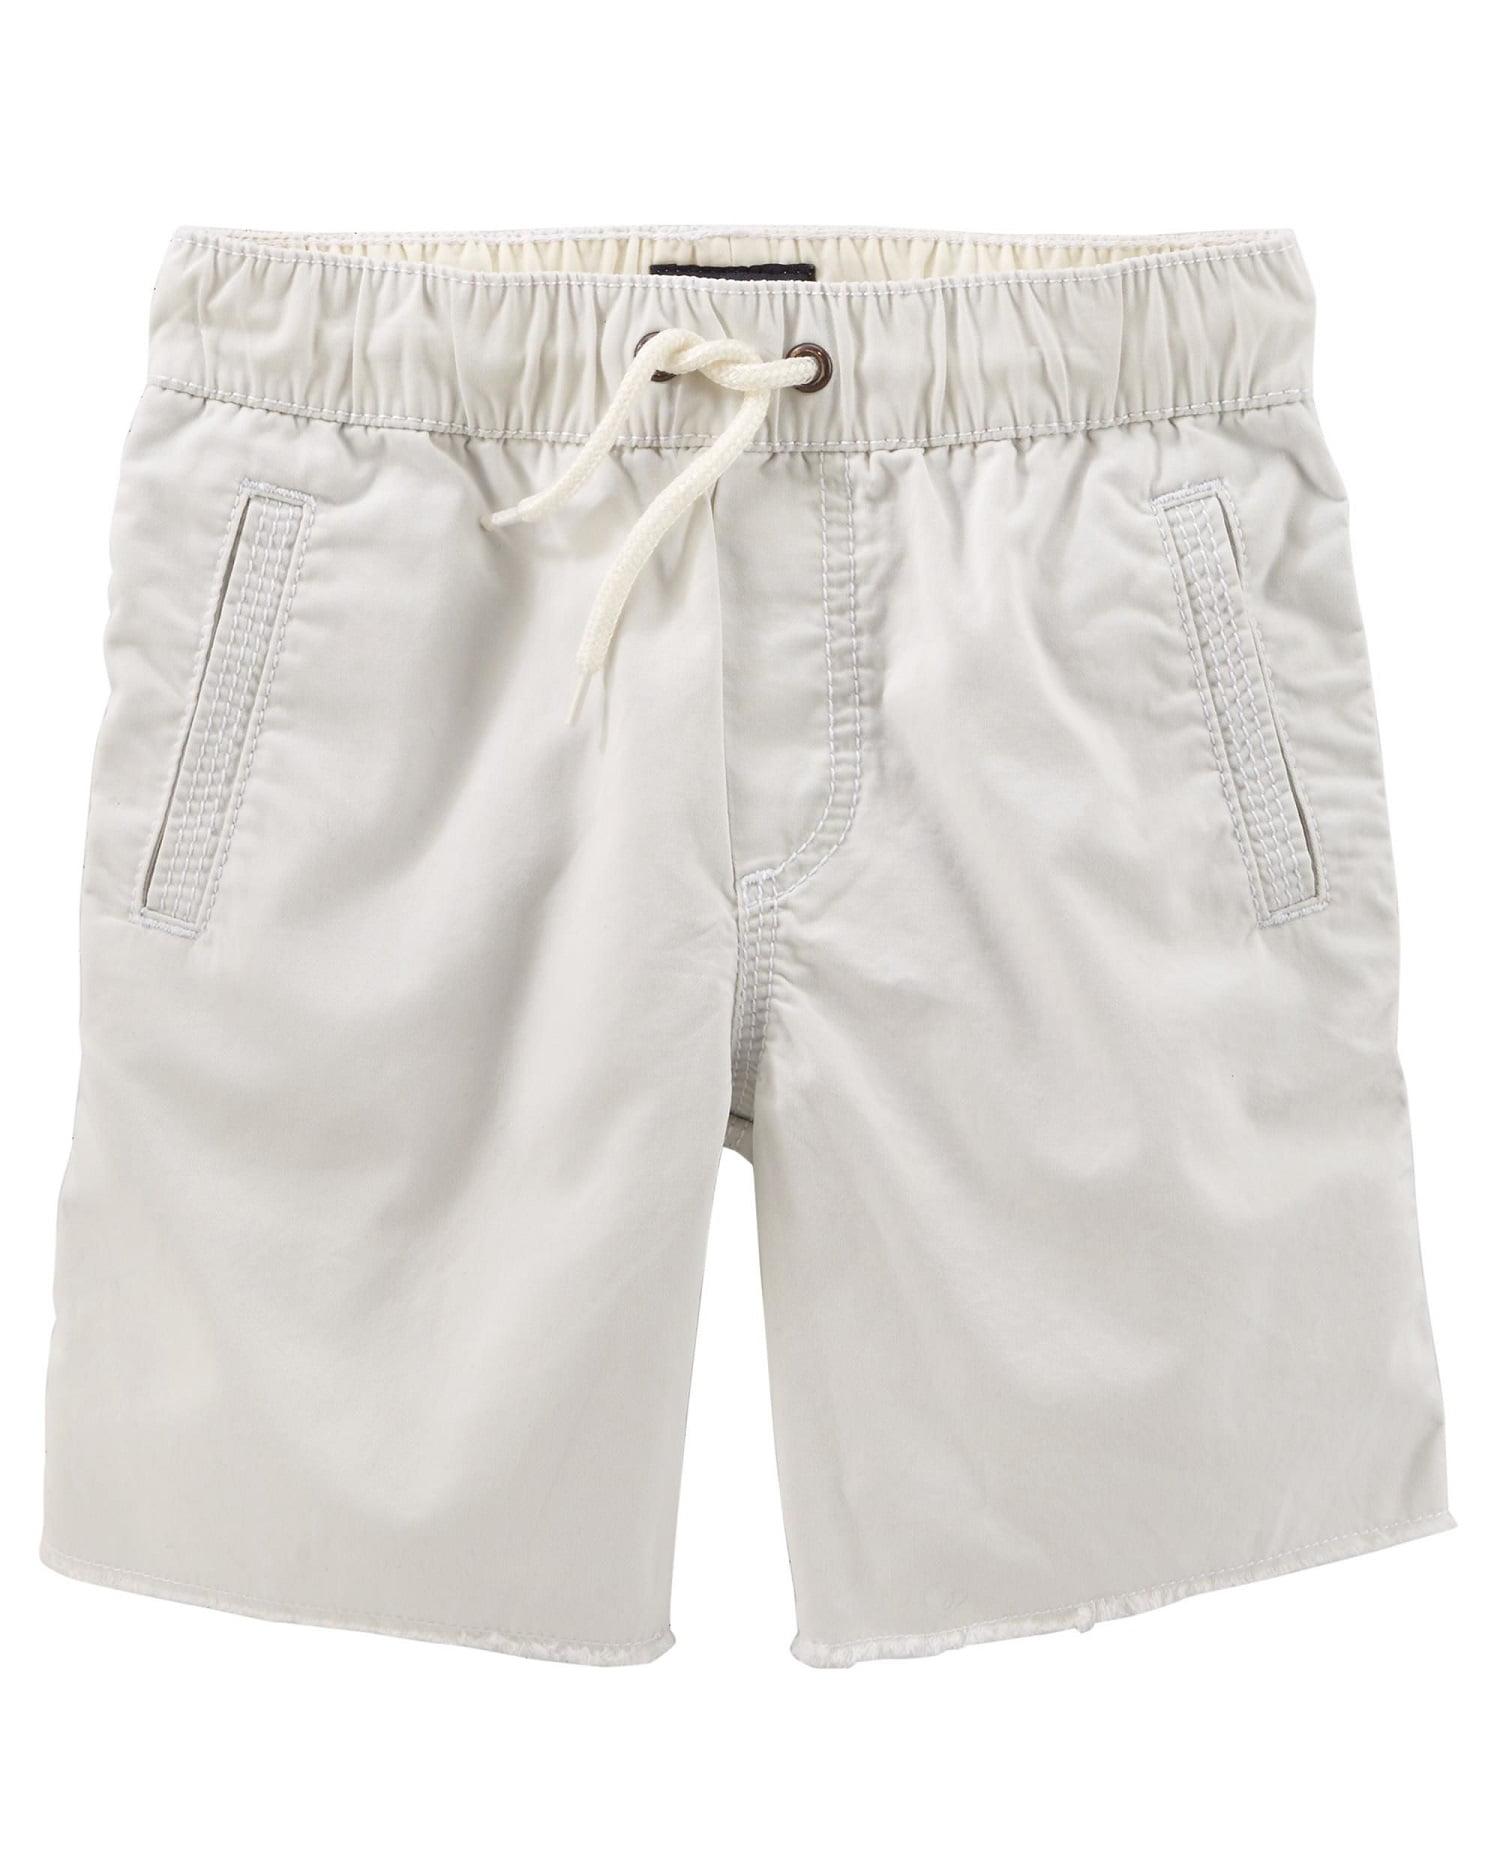 Khaki OshKosh Boys Pull-On Cargo Shorts